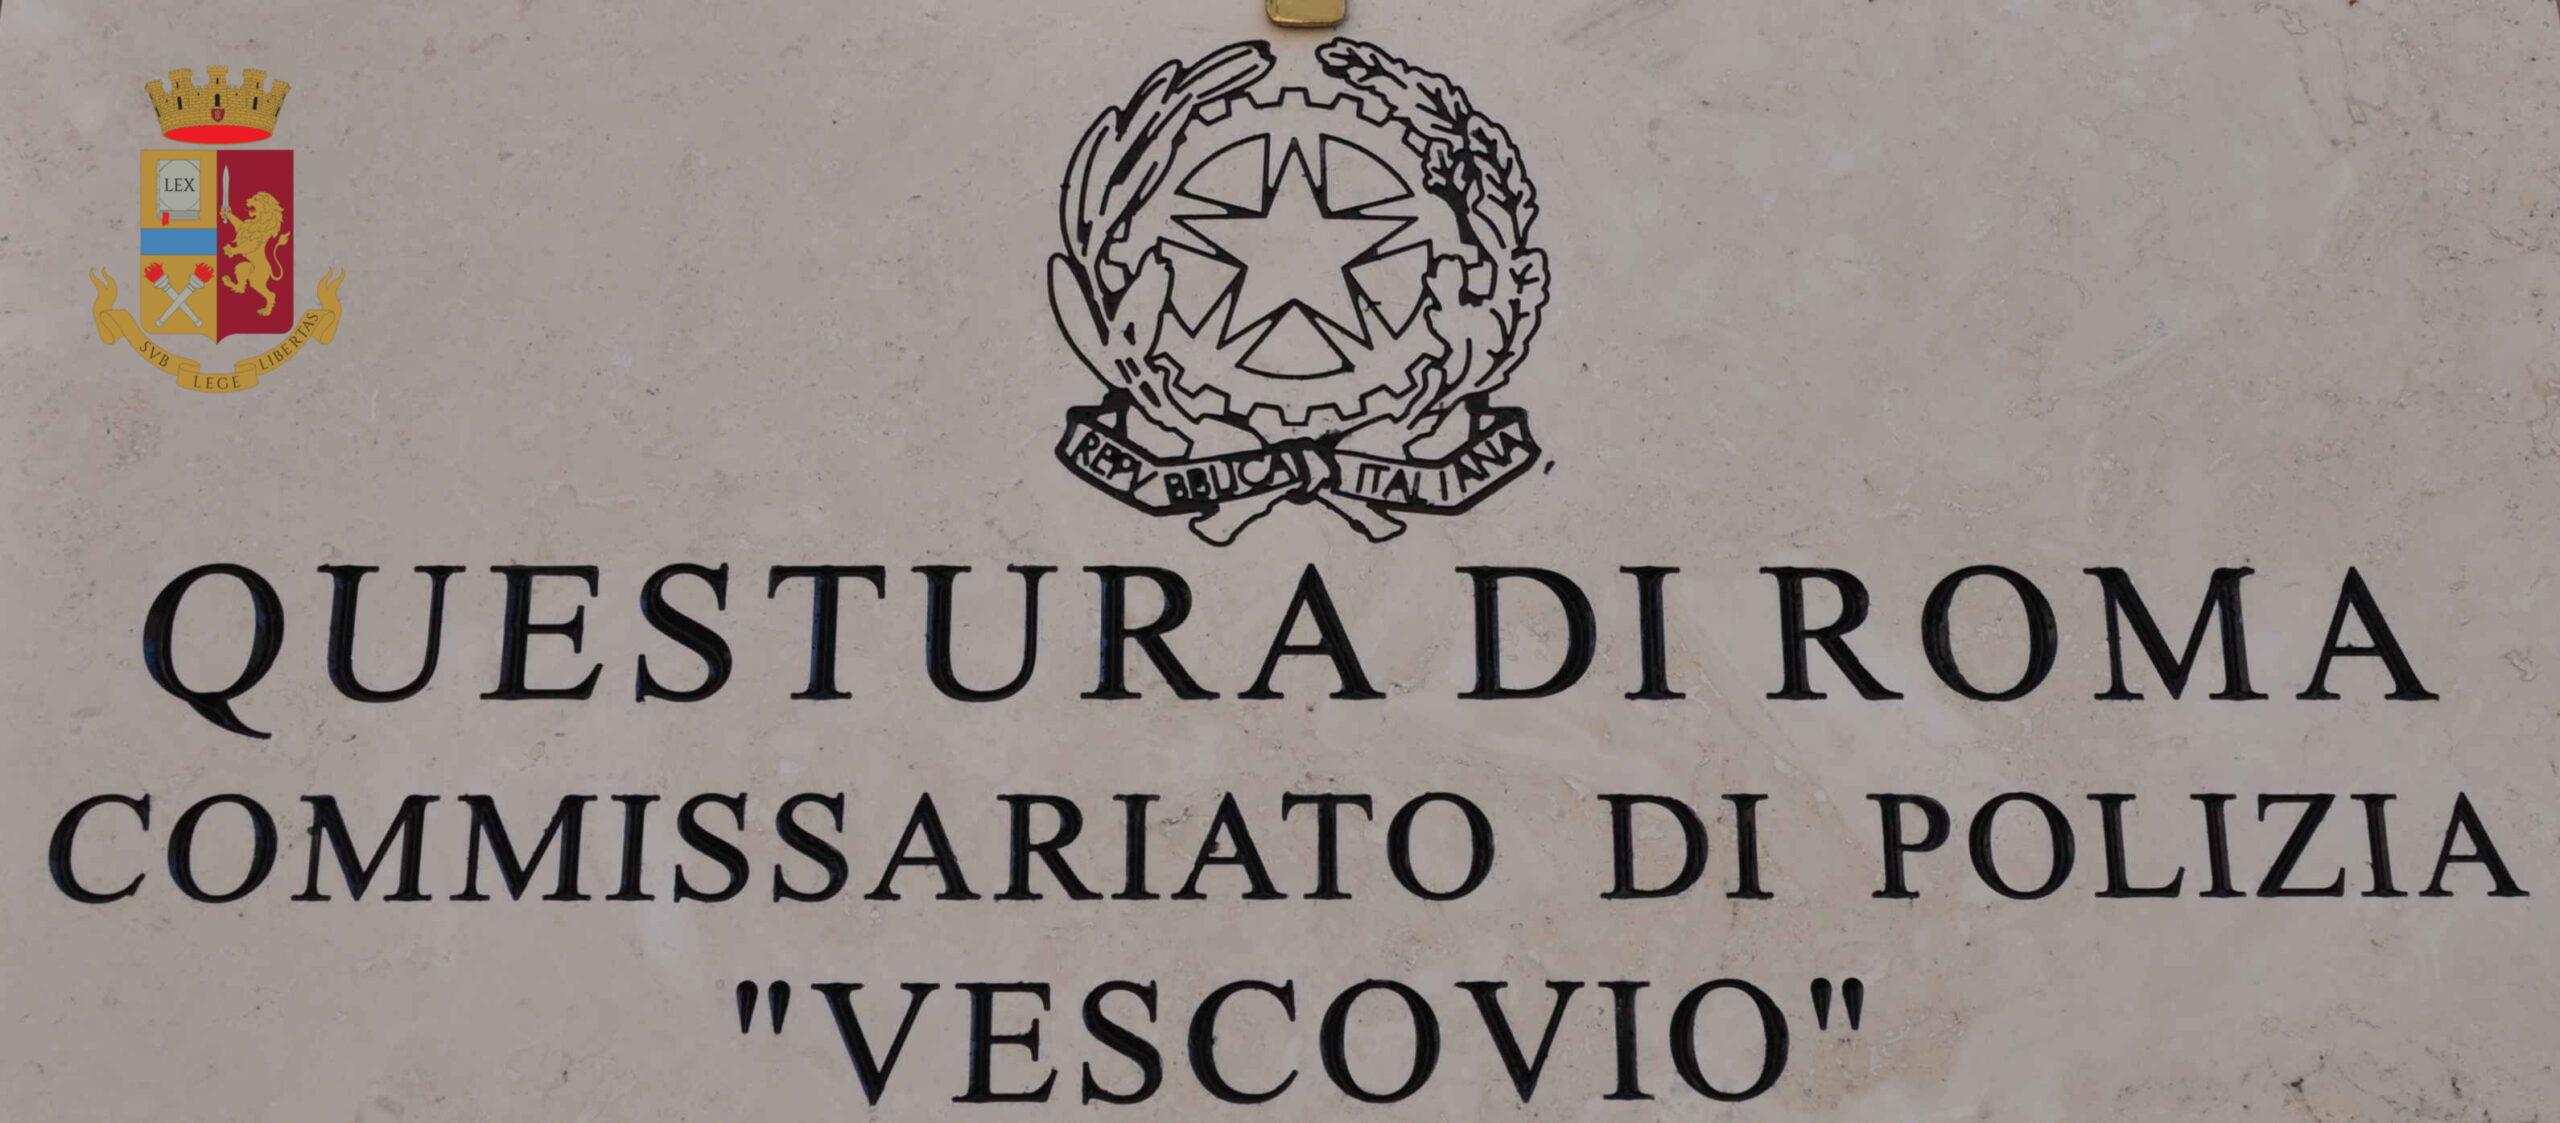 Roma, due anziani rubano un portafogli e spendono più di 1000 euro in abbigliamento e profumi: arrestati